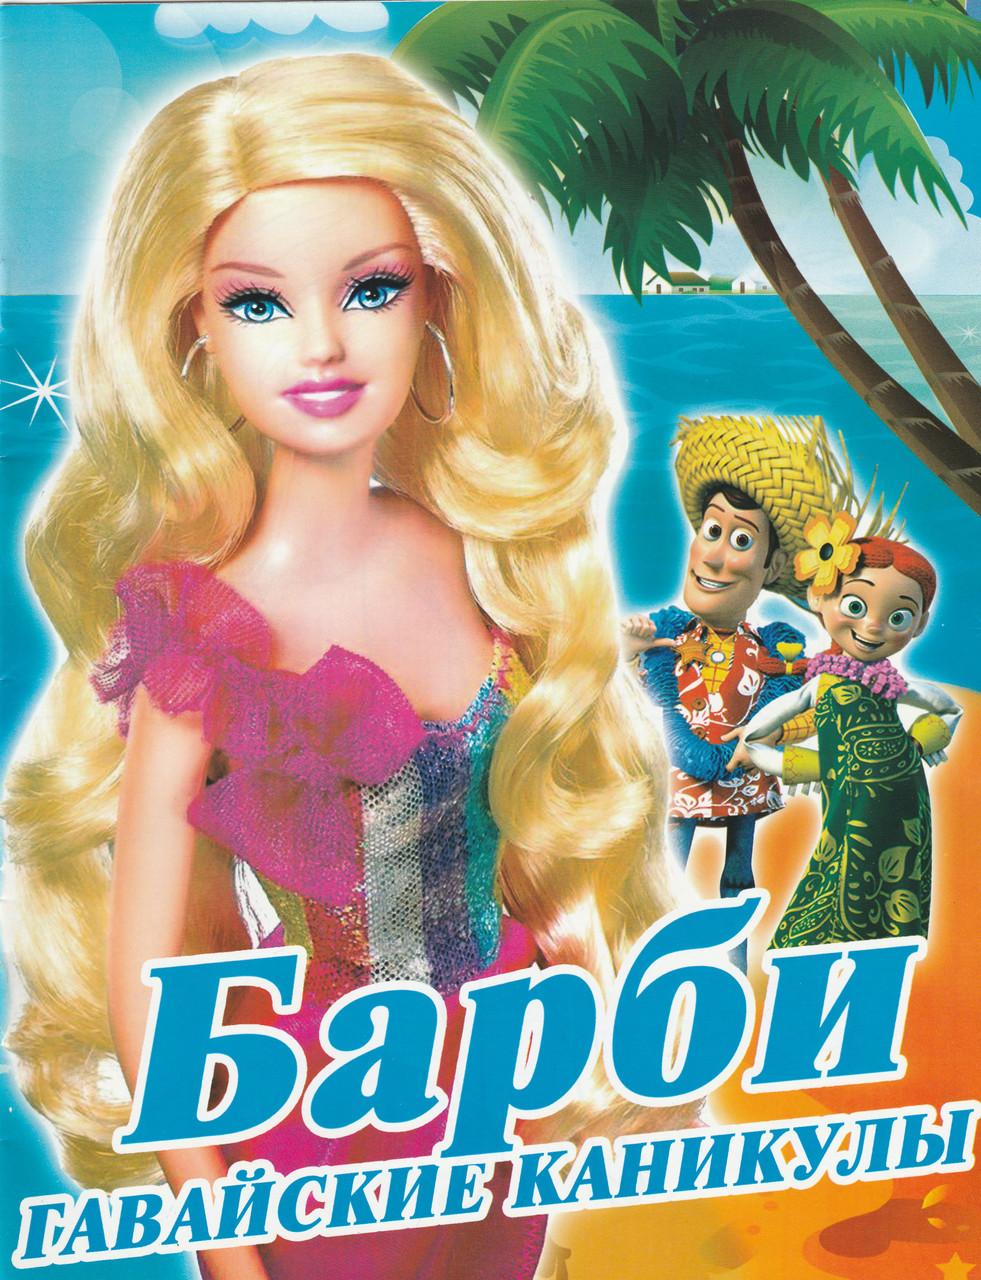 """Раскраска Барби — в Категории """"Раскраски"""" на Bigl.ua ..."""